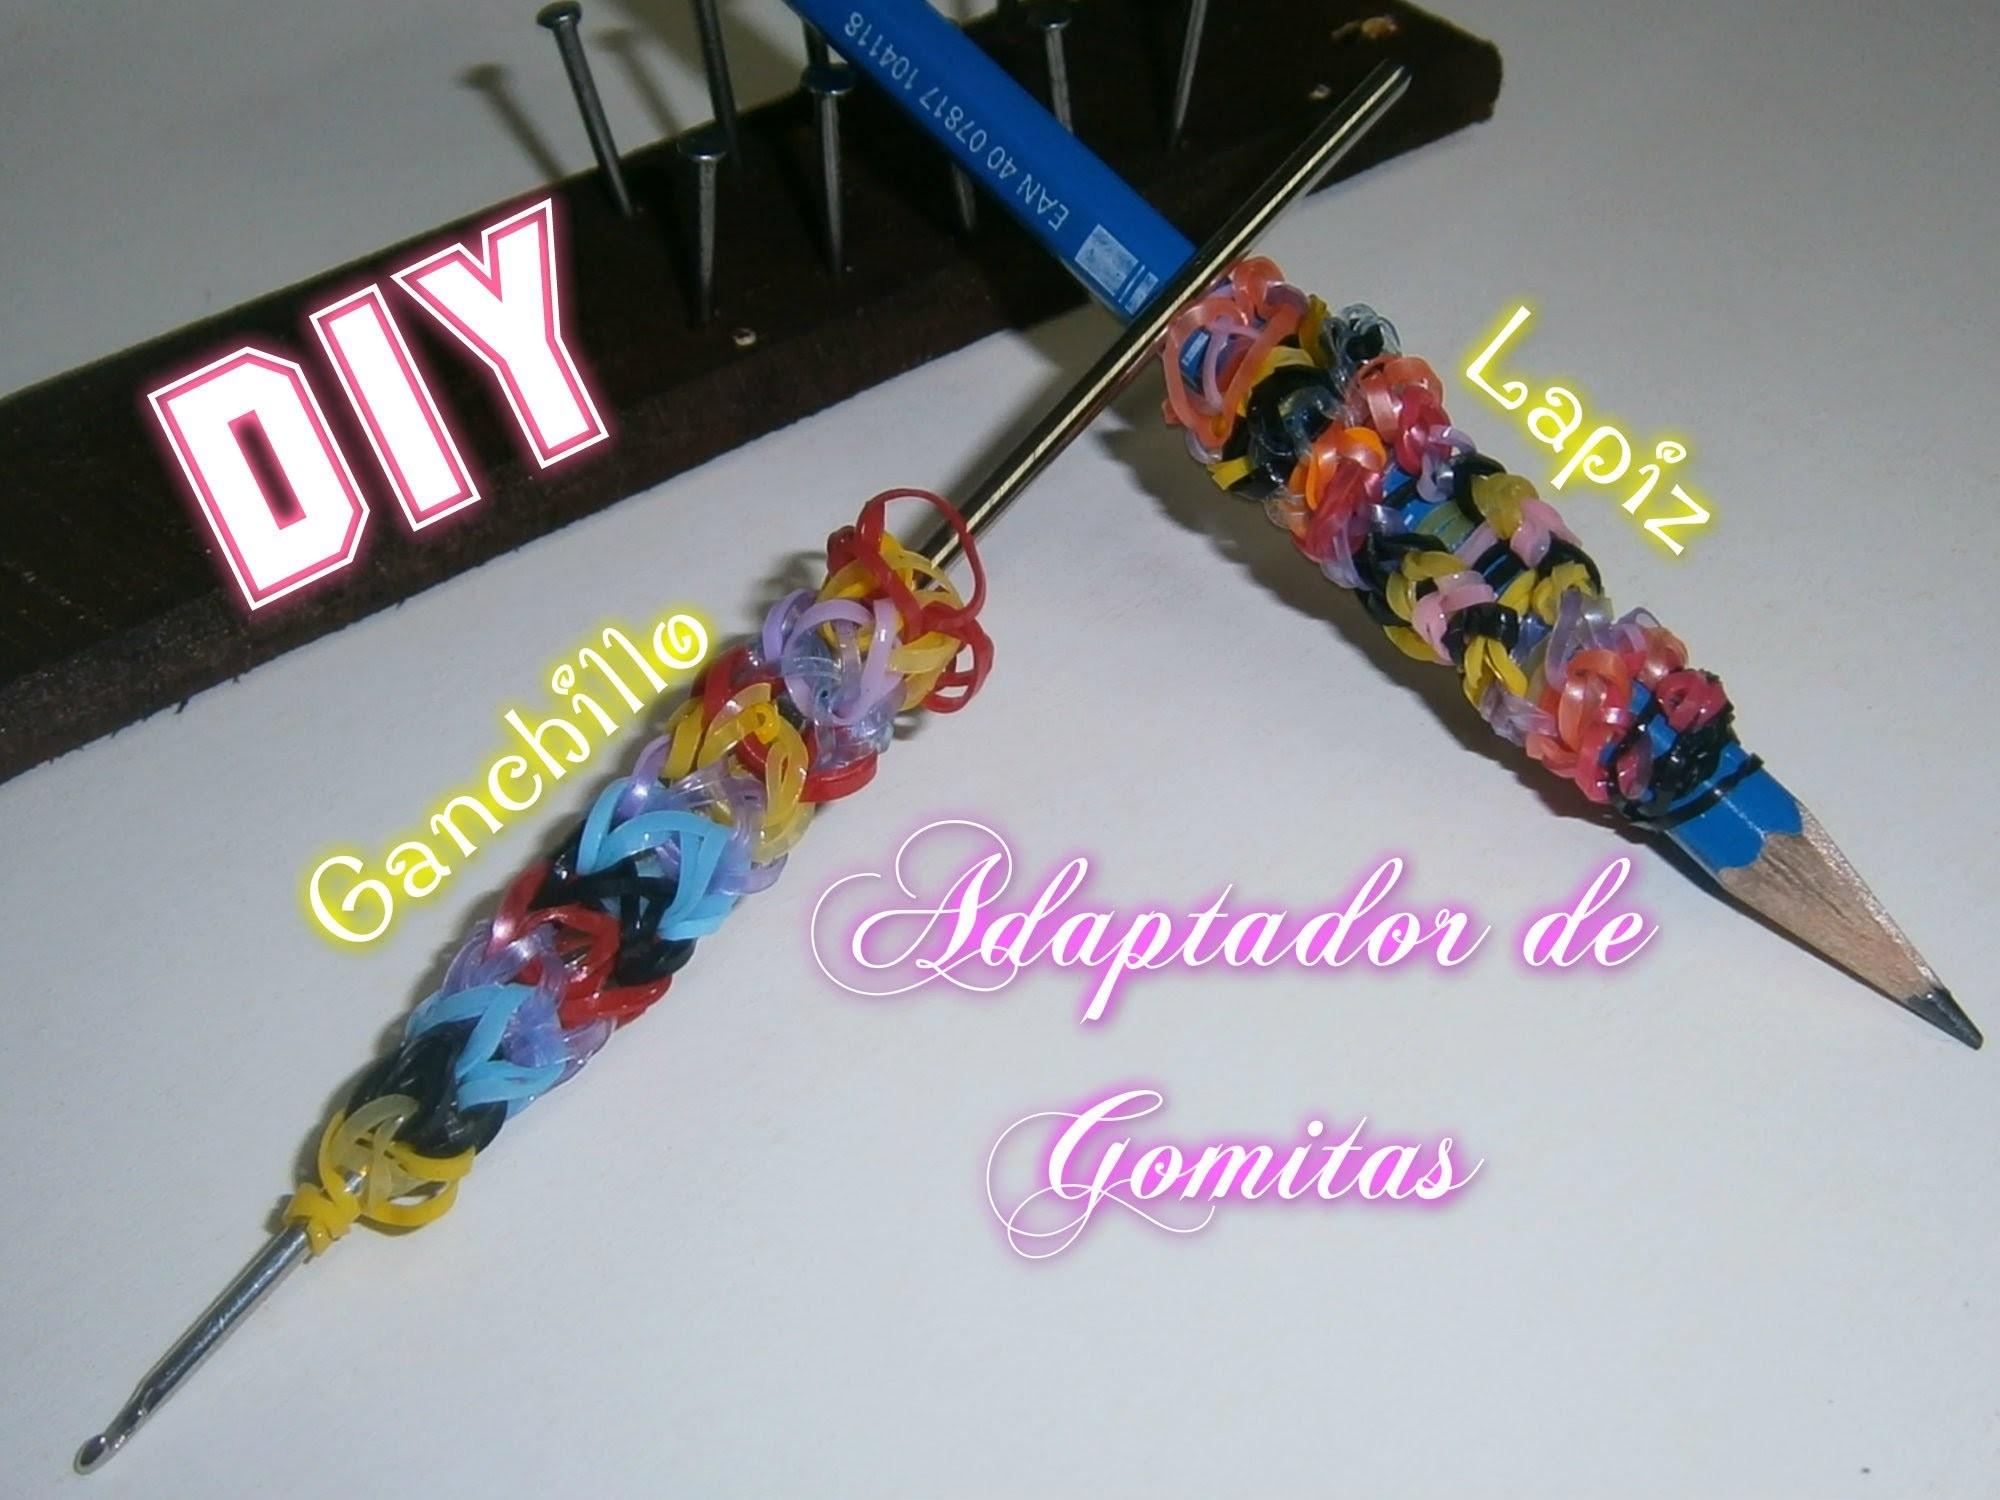 Adaptador para Lapiz o Ganchillo con gomitas.HOOK COVER & PENCIL COVER